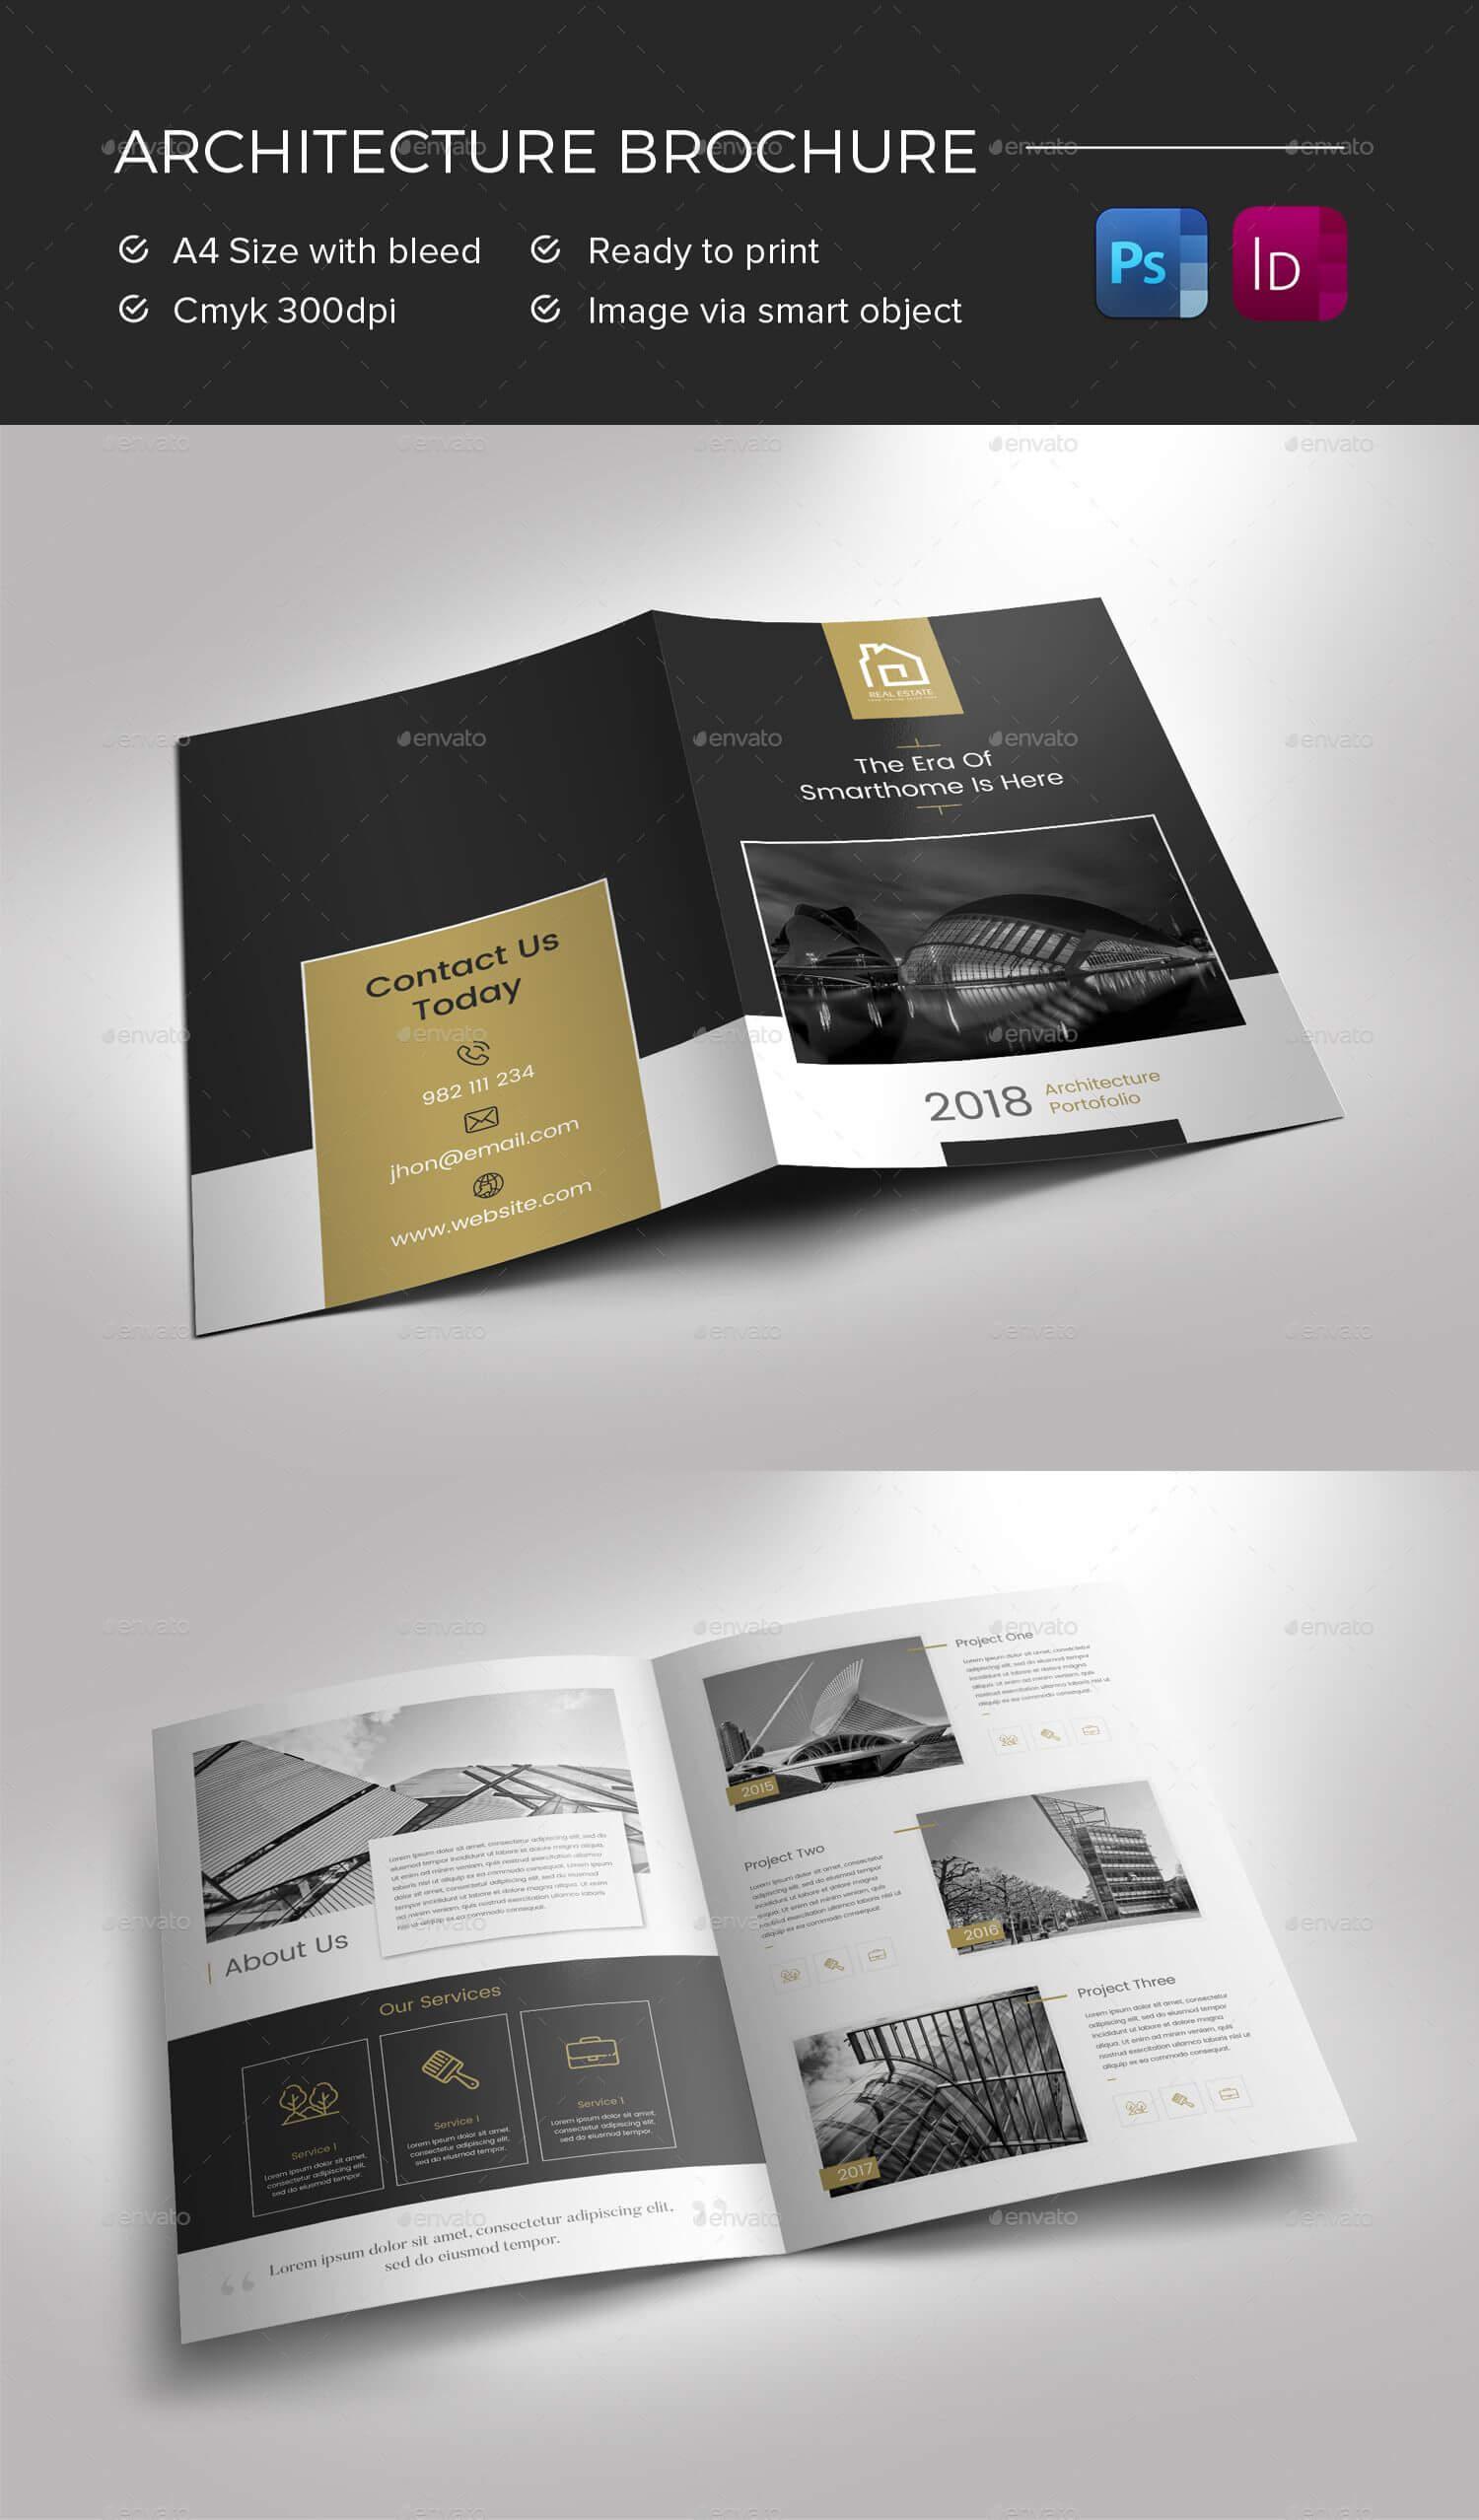 Architecture Brochure Preview - Graphicriver | Brochure In Architecture Brochure Templates Free Download